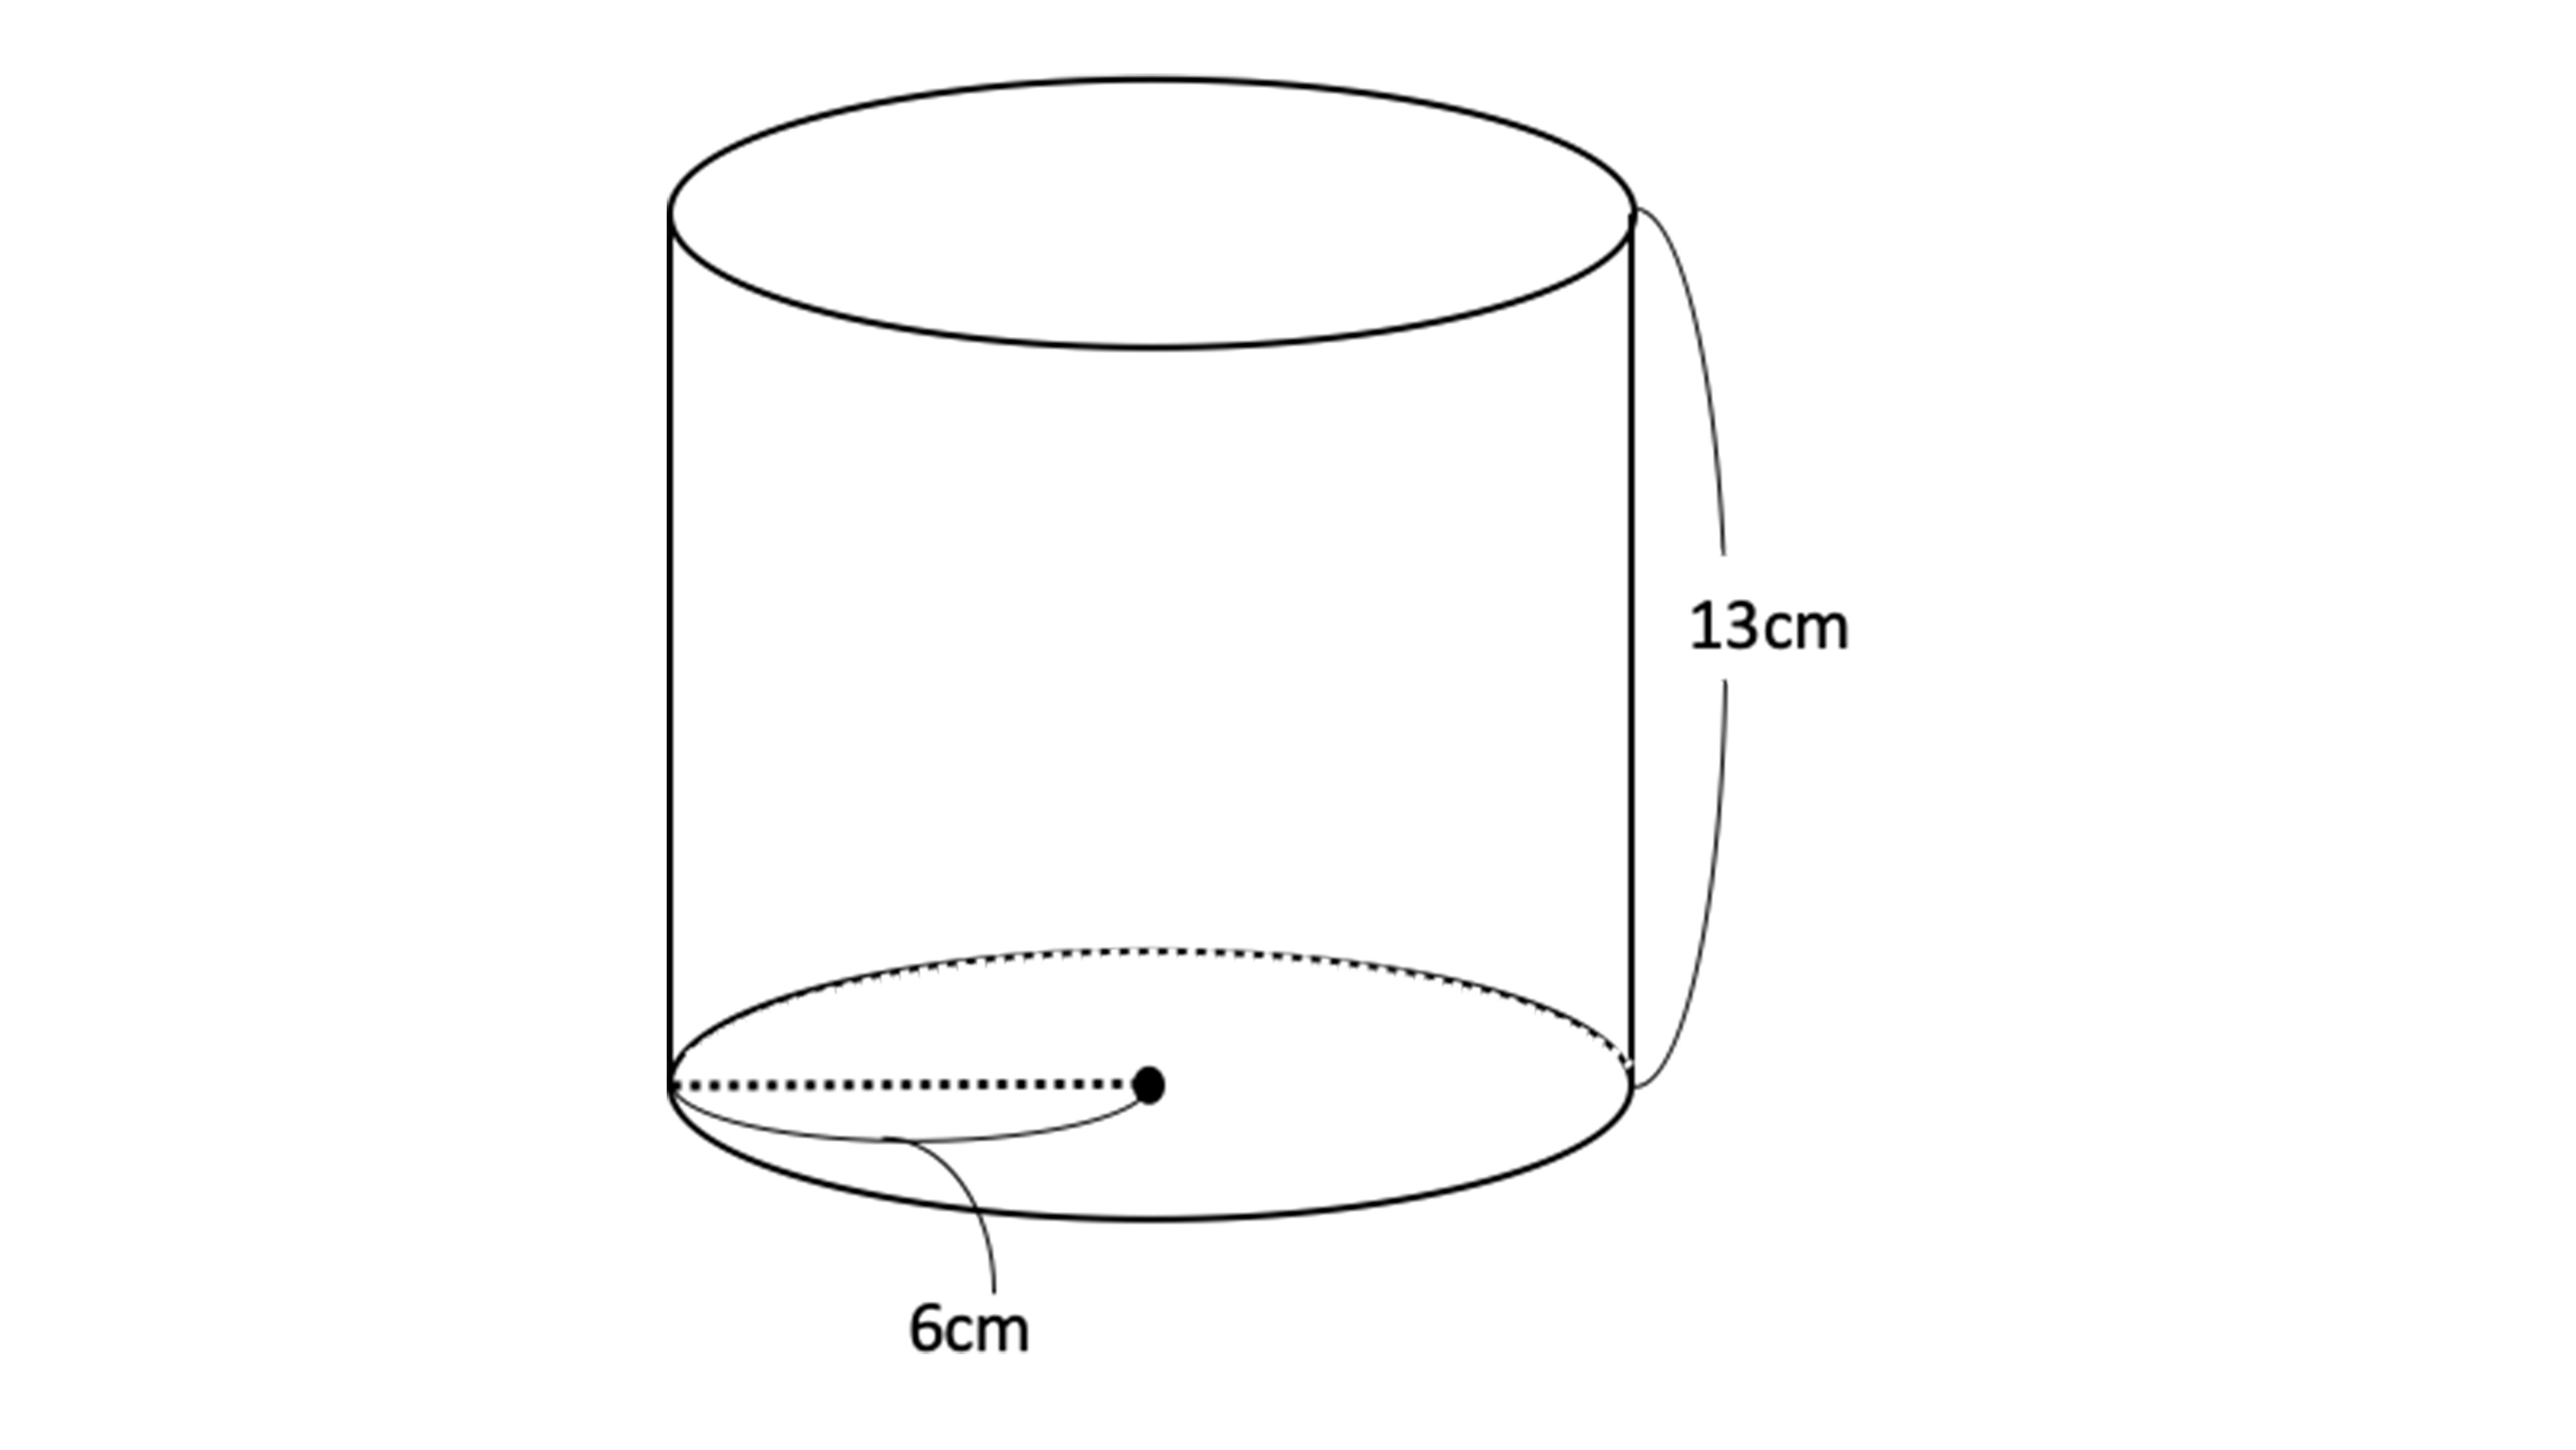 方 求め 面積 側 の 立体の側面積の求め方はどうやってするんですか?また、同じく立体の表面積・底